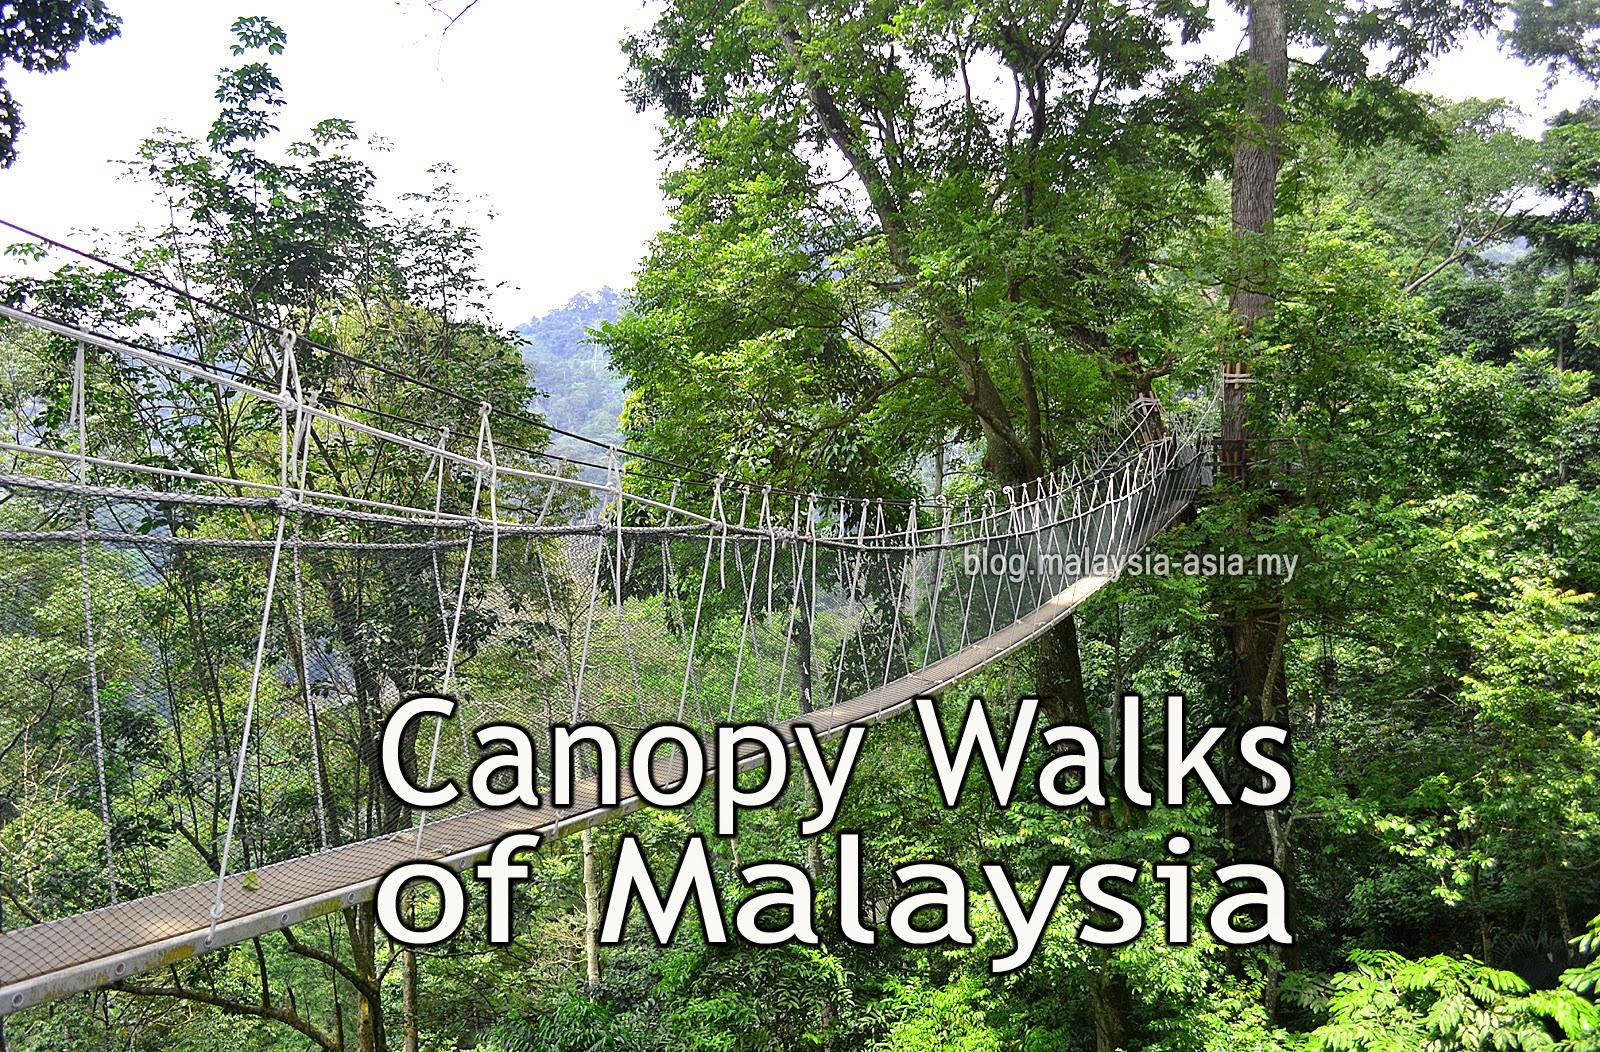 Canopy Walks in Malaysia & Canopy Walks in Malaysia - Malaysia Asia